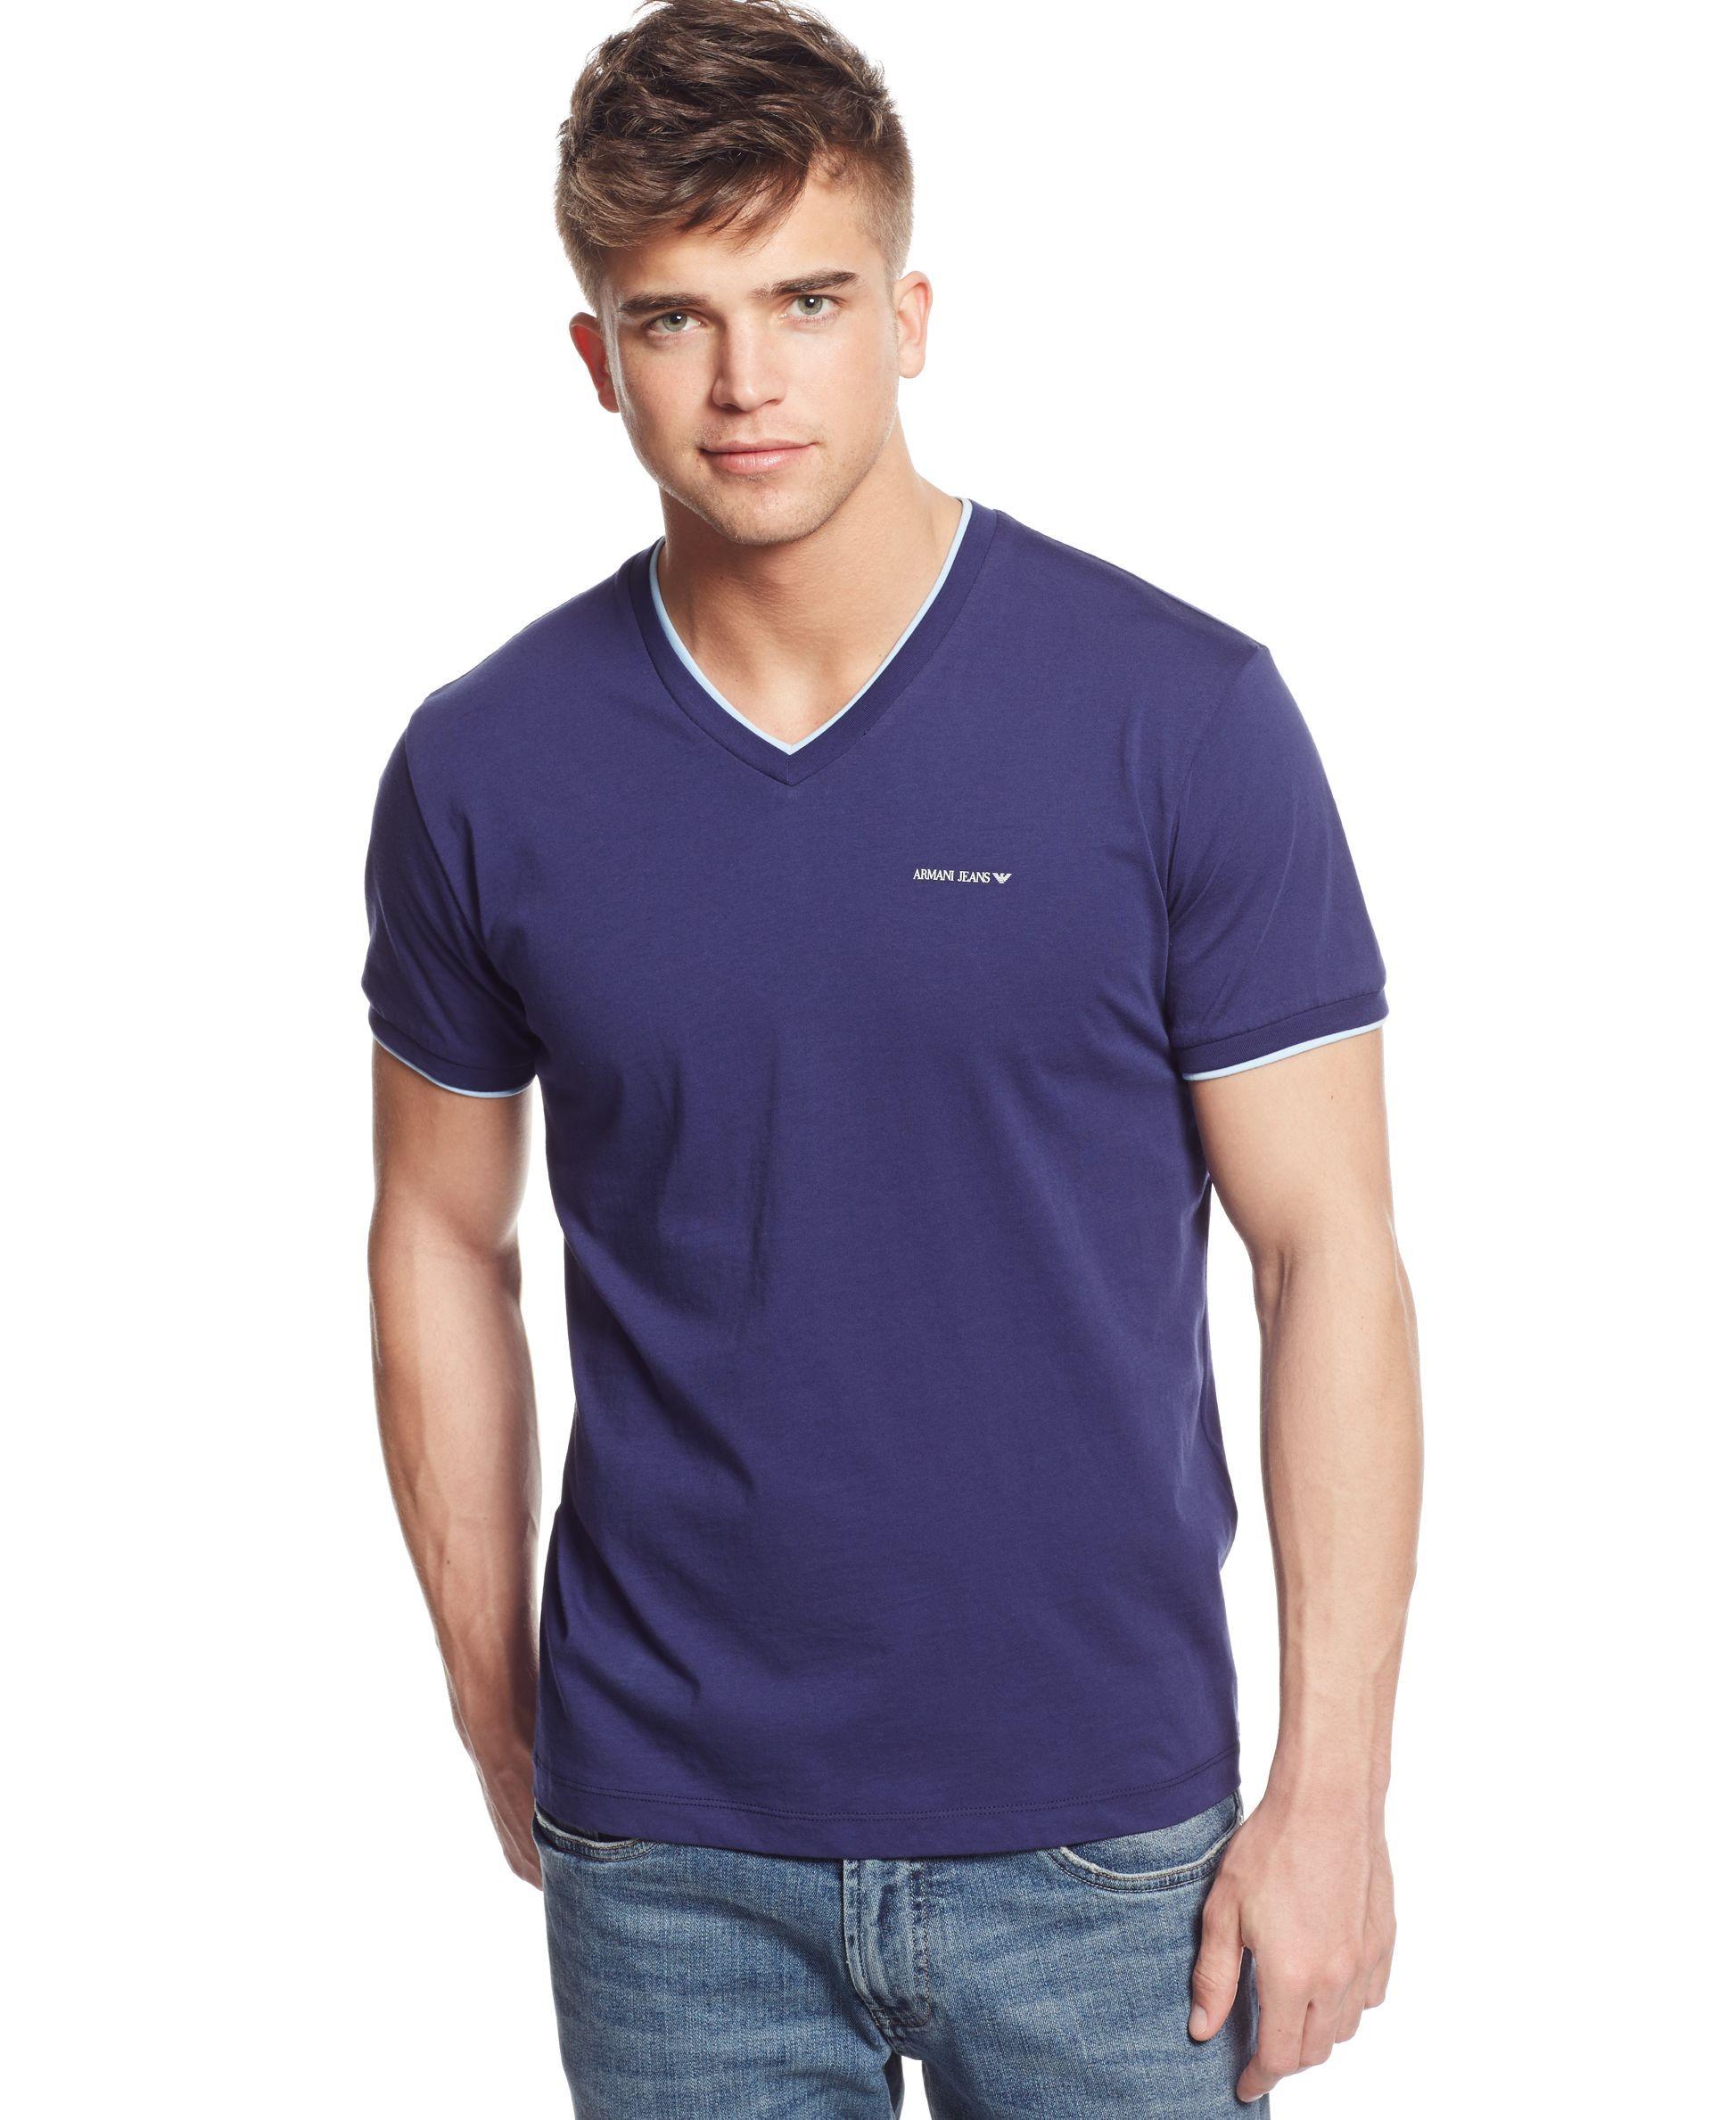 armani jeans v neck t shirt